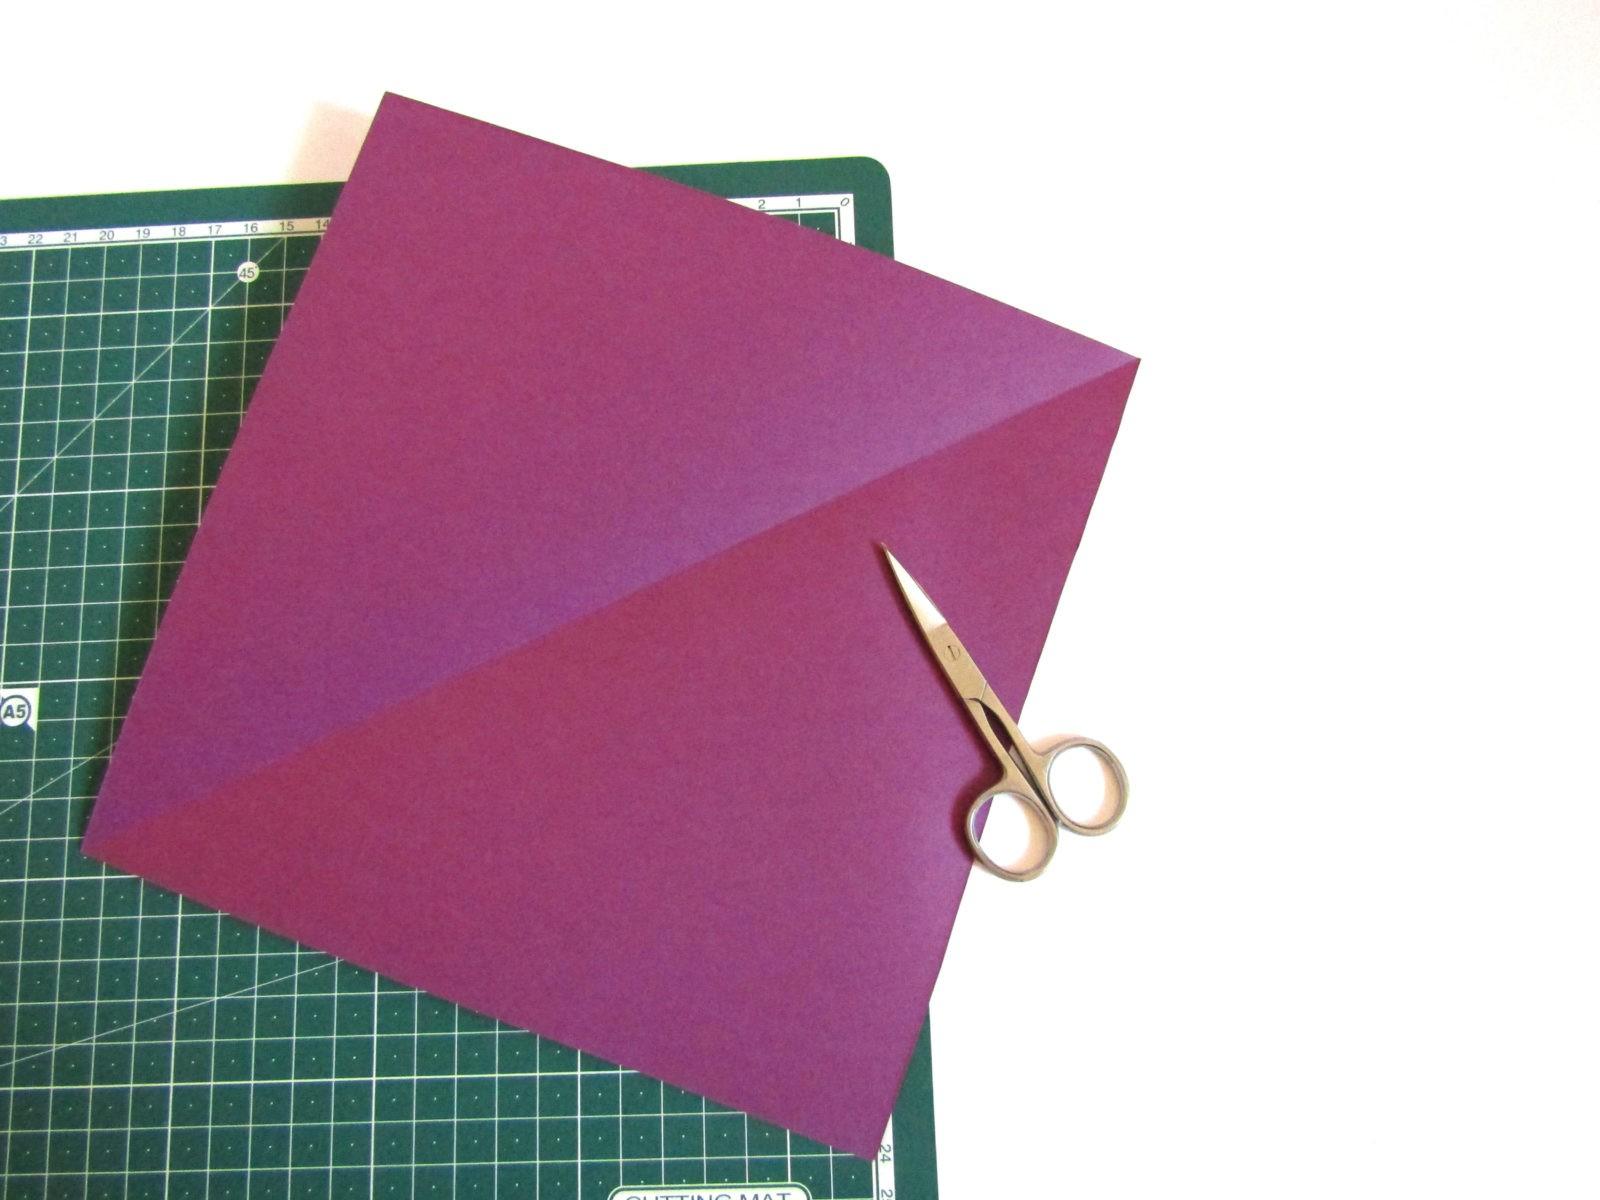 Очень легко и просто можно создать объемную поделку без использования клея. Конечно, даже ножницы могут и не понадобиться, если изначально у вас будет готовая заготовка в виде квадрата. Так получим собачку оригами благодаря ловкости рук! - 3